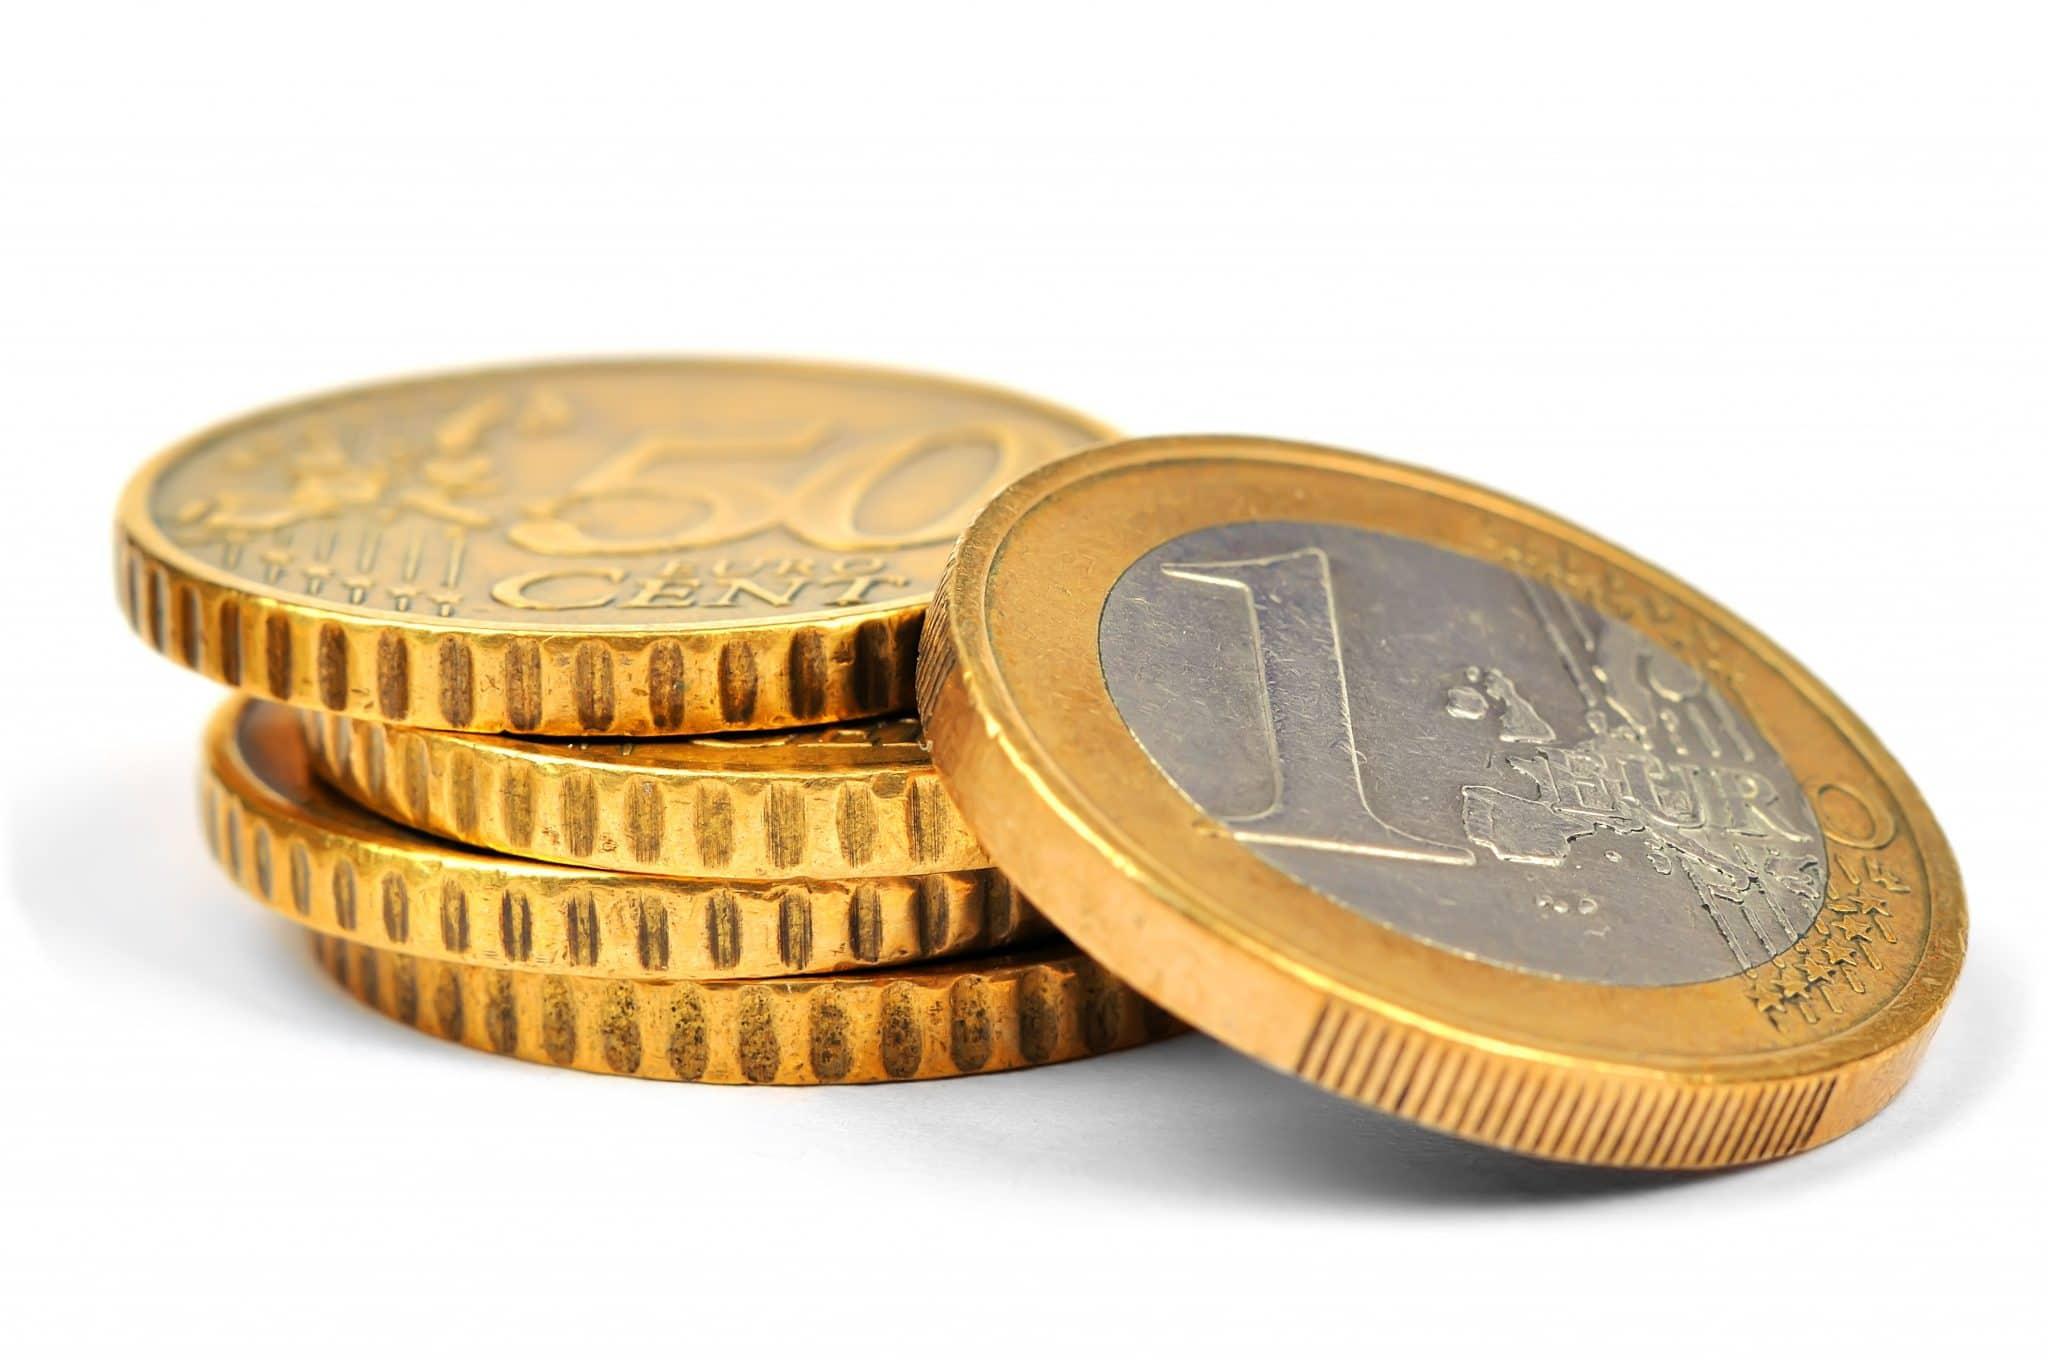 The Euro Coin